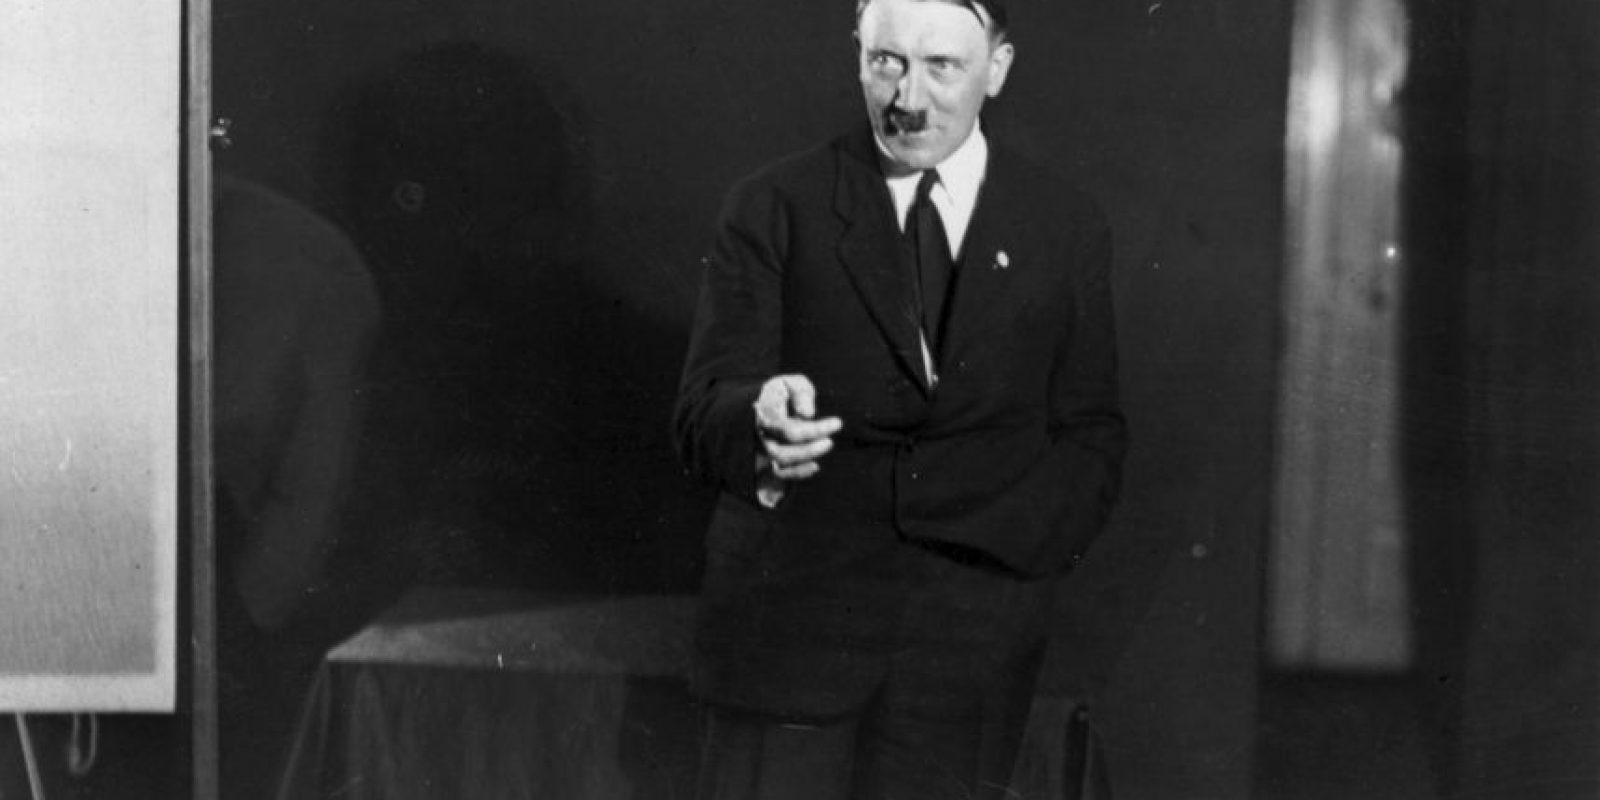 Fue quien dirigió a Alemania durante la Segunda Guerra Mundial. Foto:Getty Images